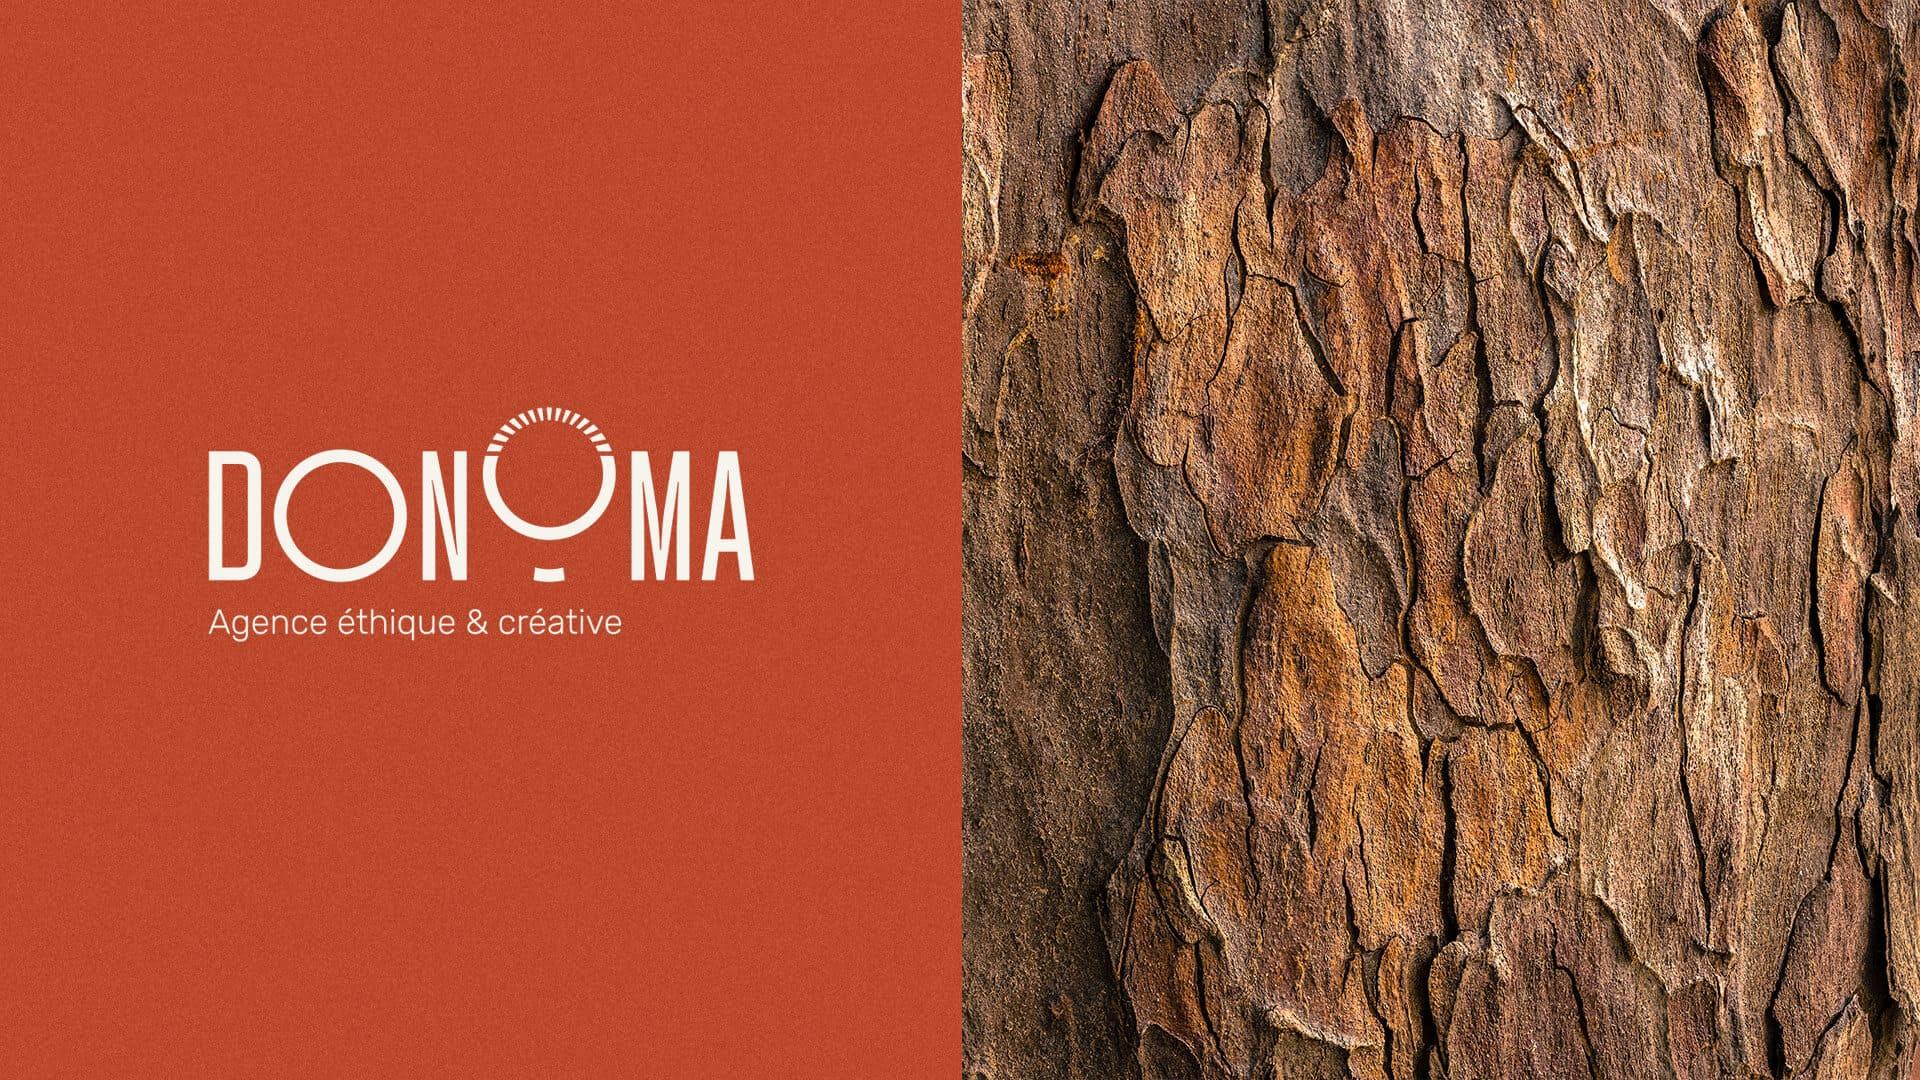 Logotype de l'agence Donoma créée par Audrey Boulouis